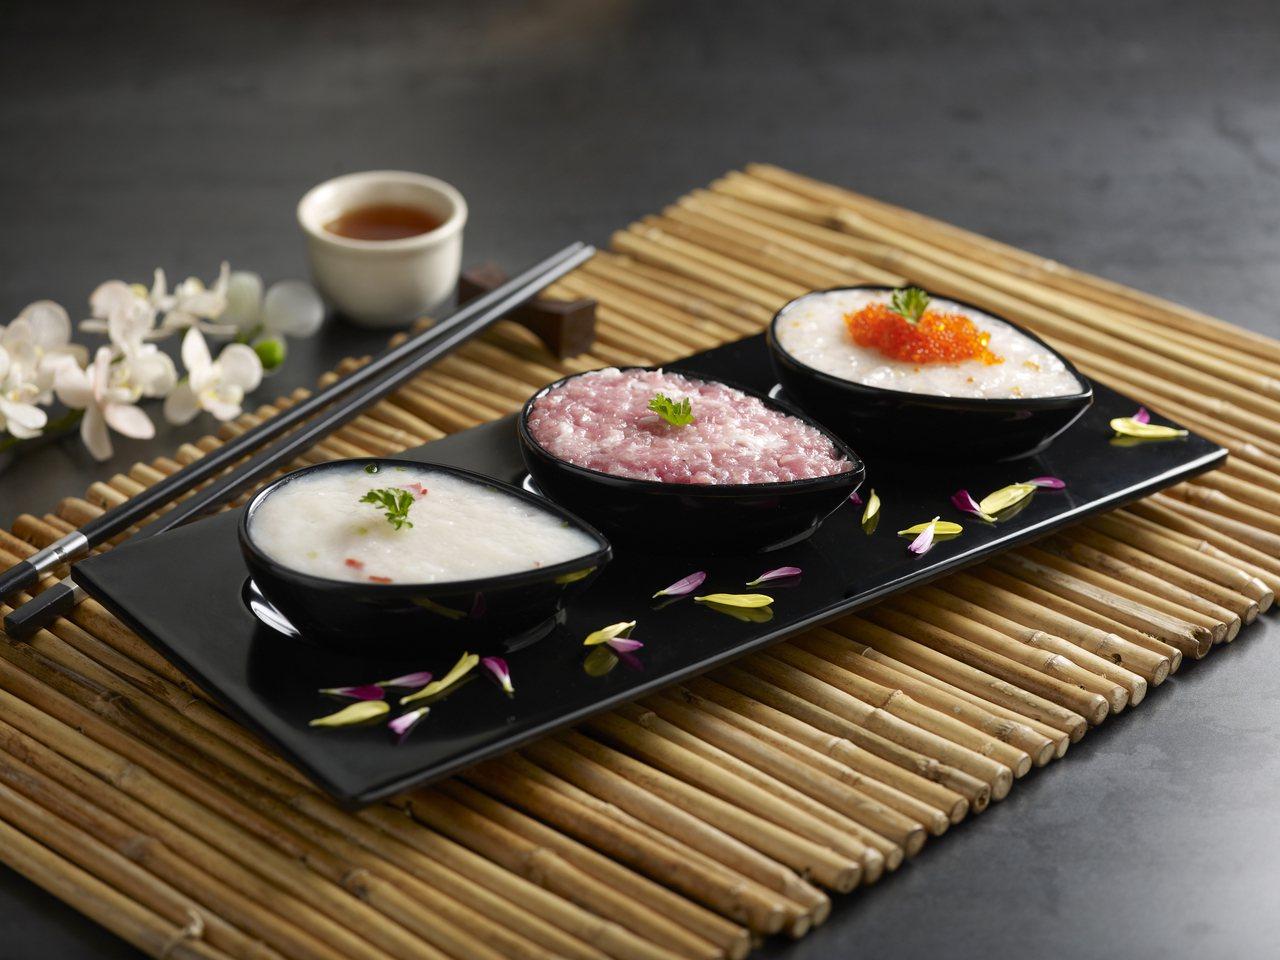 美滋鍋綜合滑(魚子蝦滑、豬肉滑)。圖/樂天餐飲集團提供